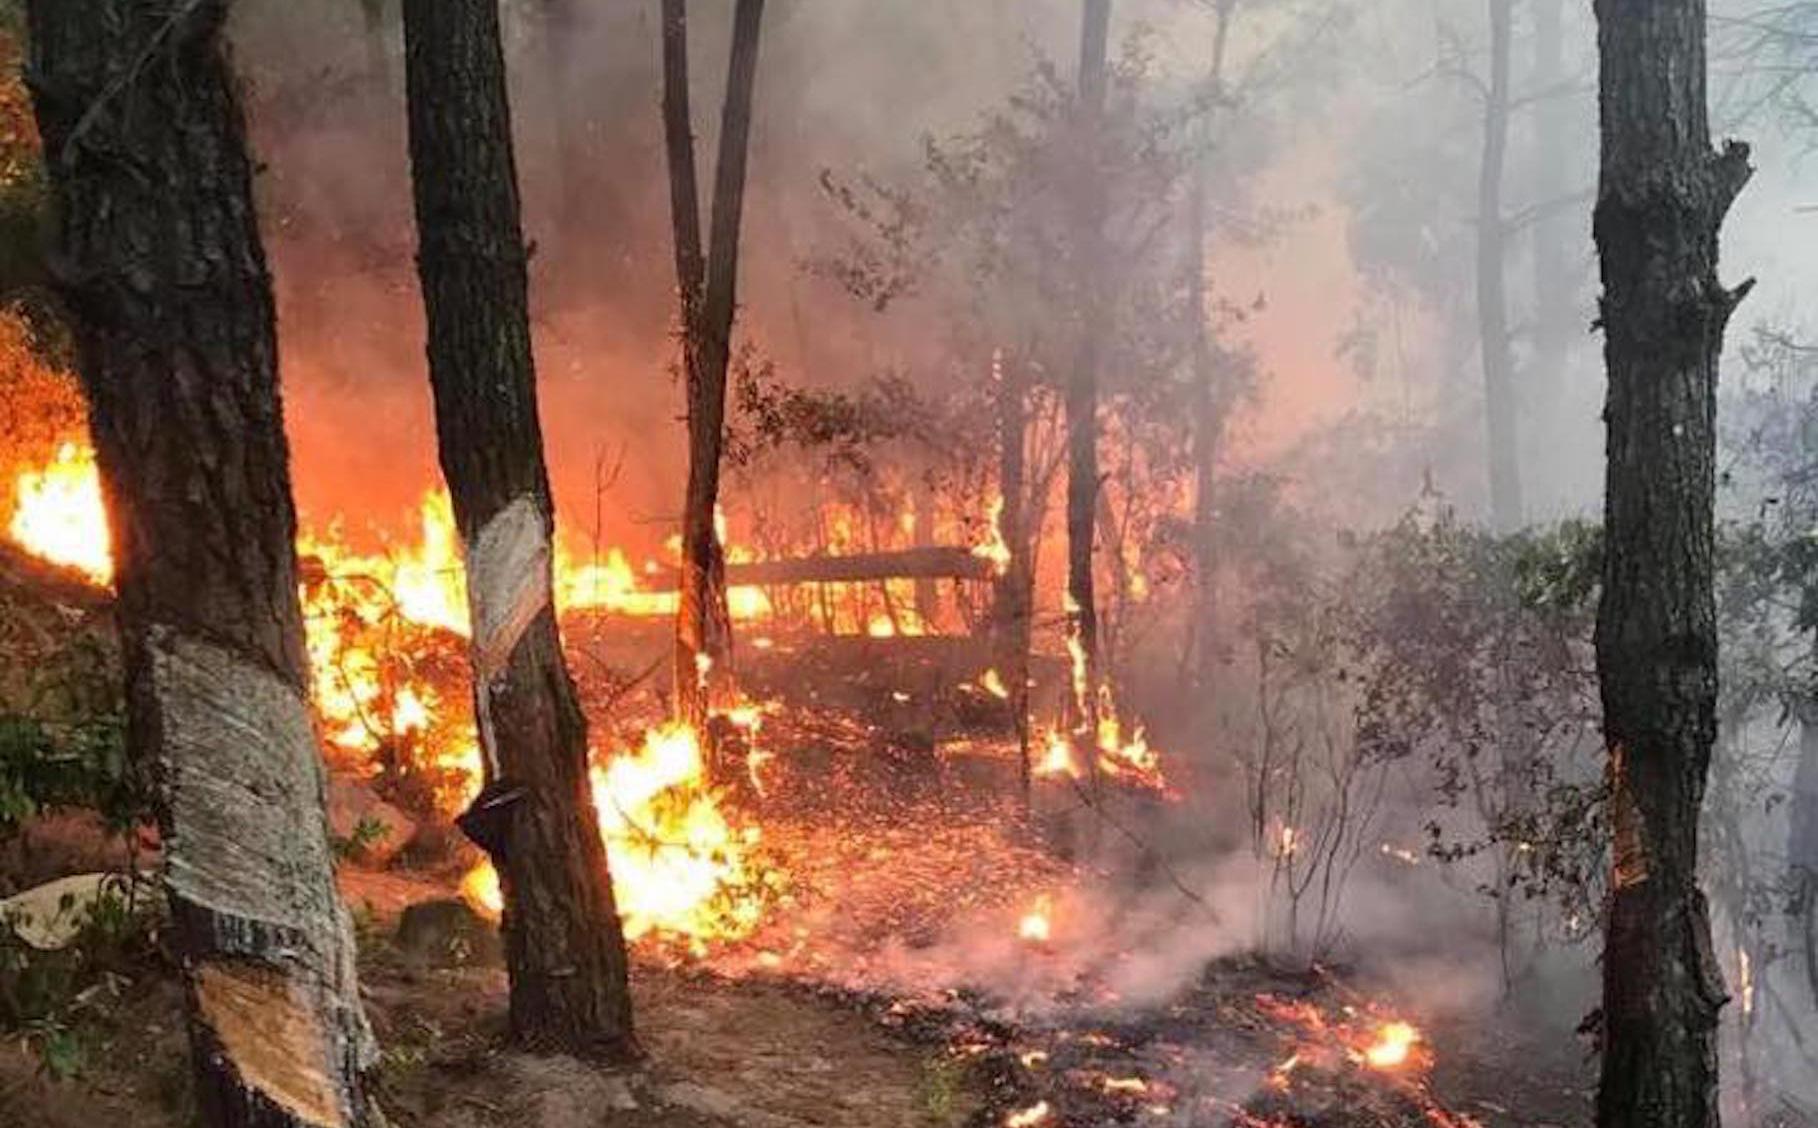 Người phụ nữ đốt rác rồi bỏ vào nhà, không ngờ lửa lan cháy cả cánh rừng